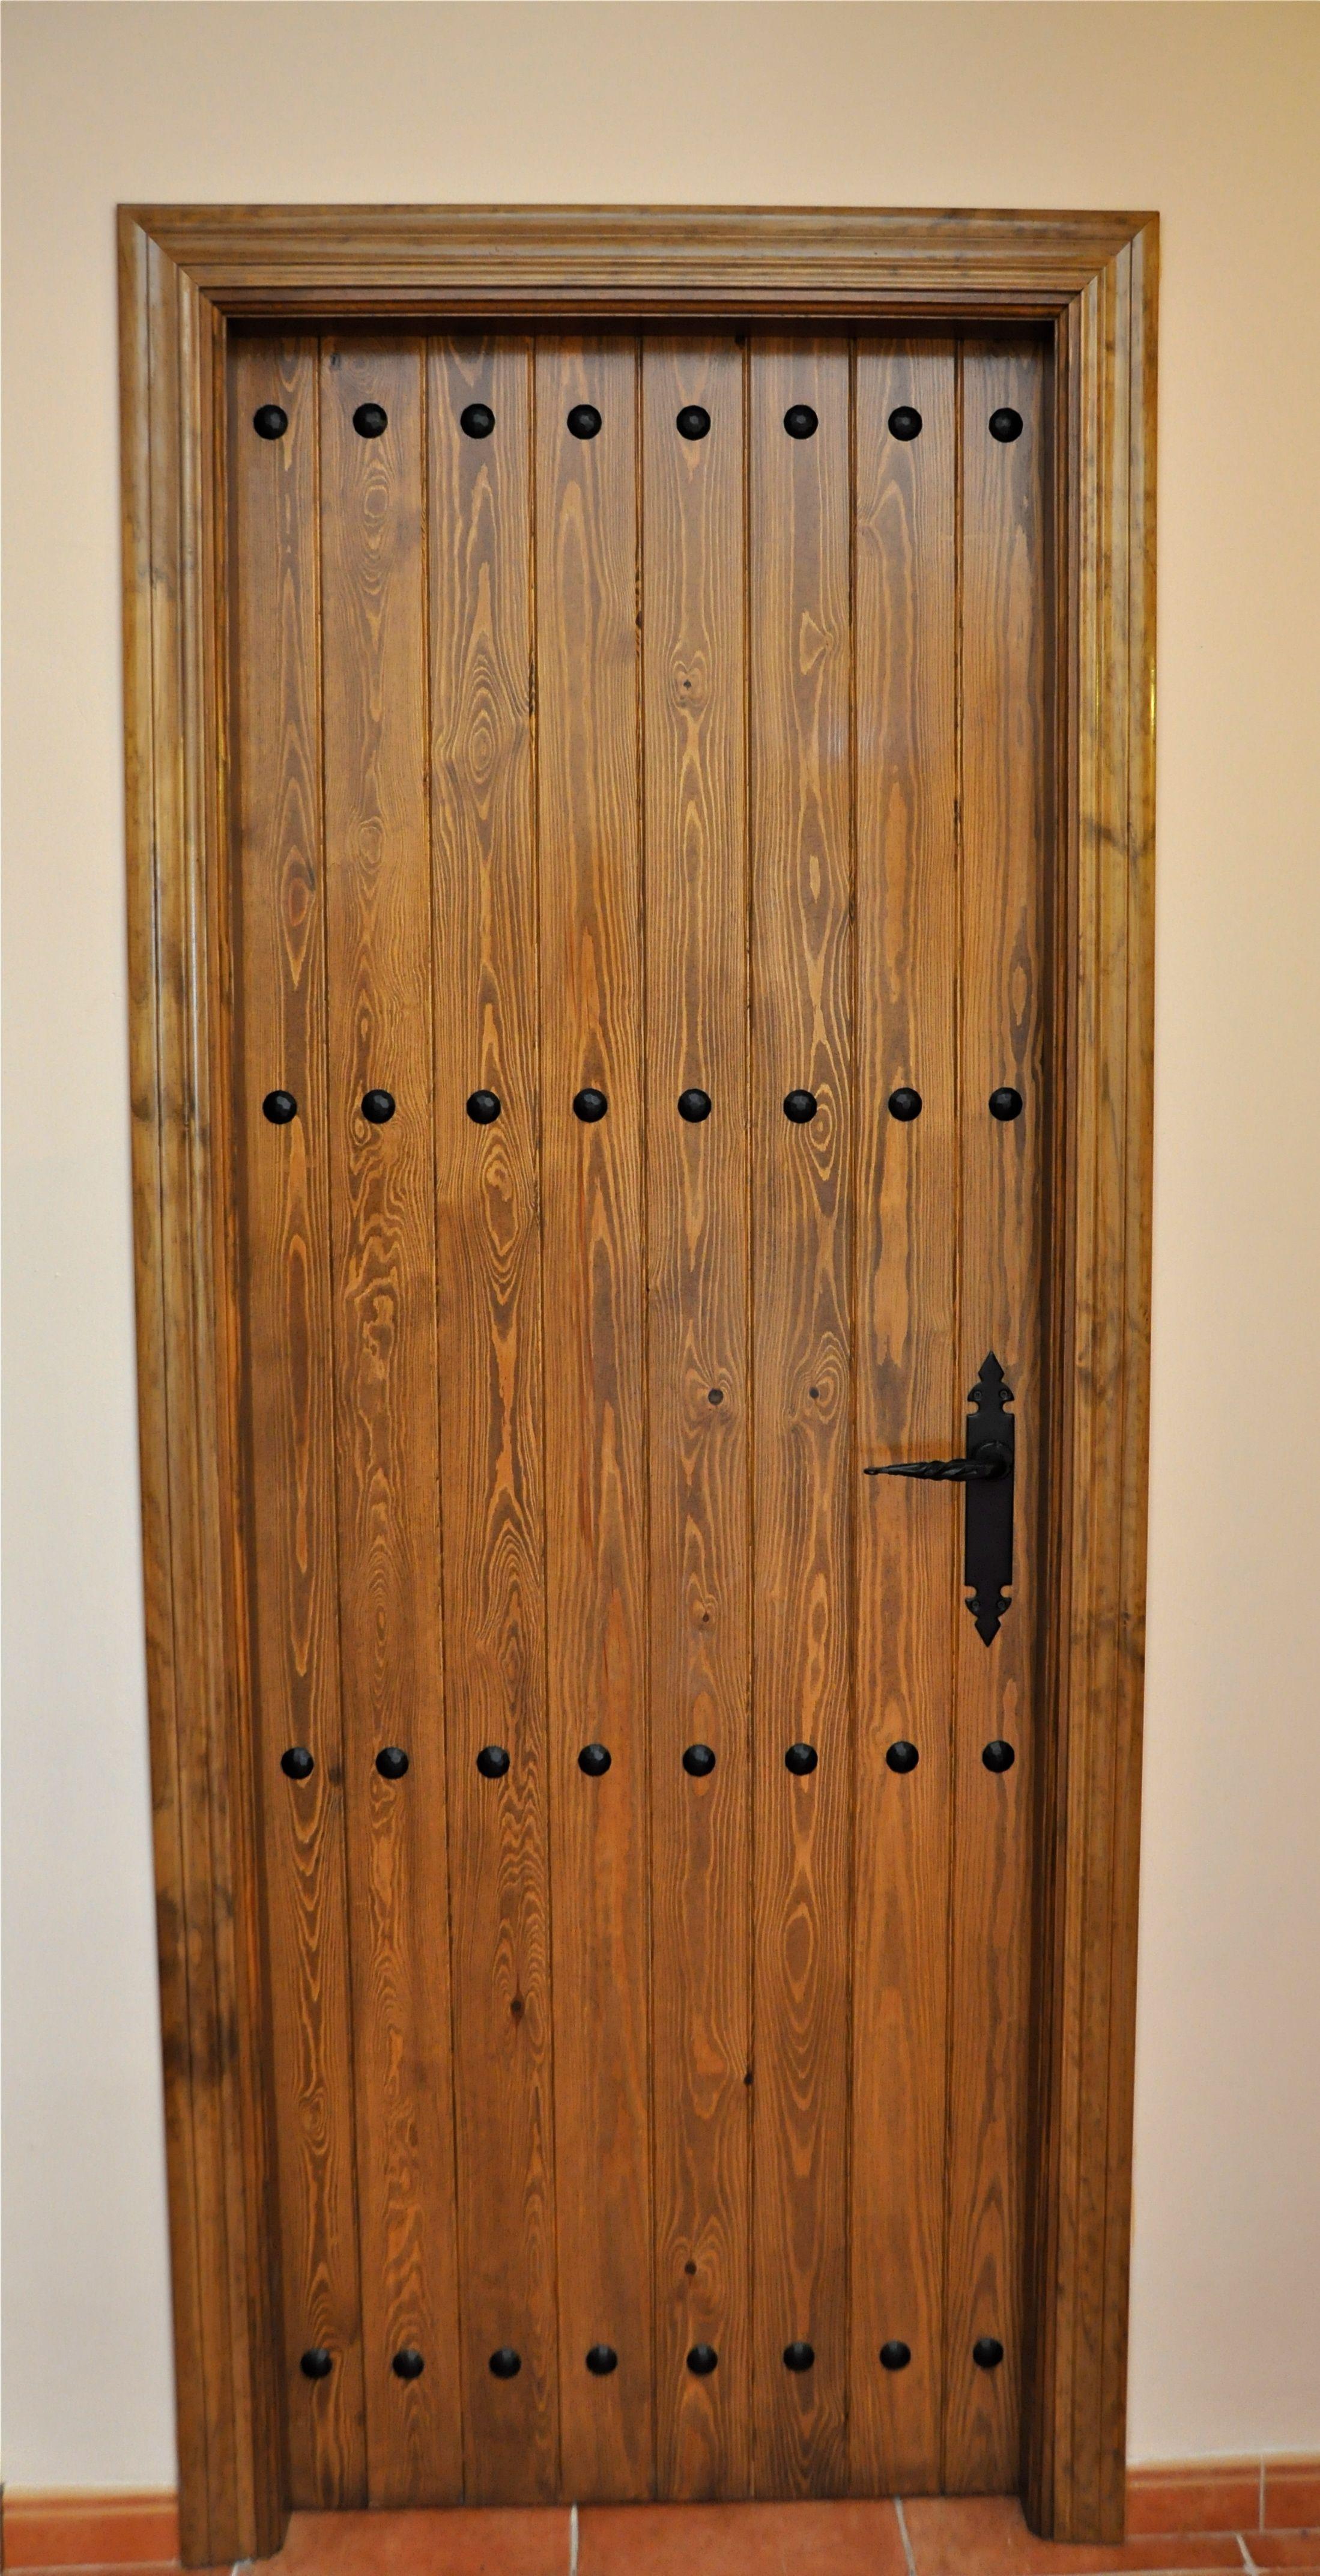 Puerta rustica con clavos gitanos puertas madera - Puertas rusticas de madera ...